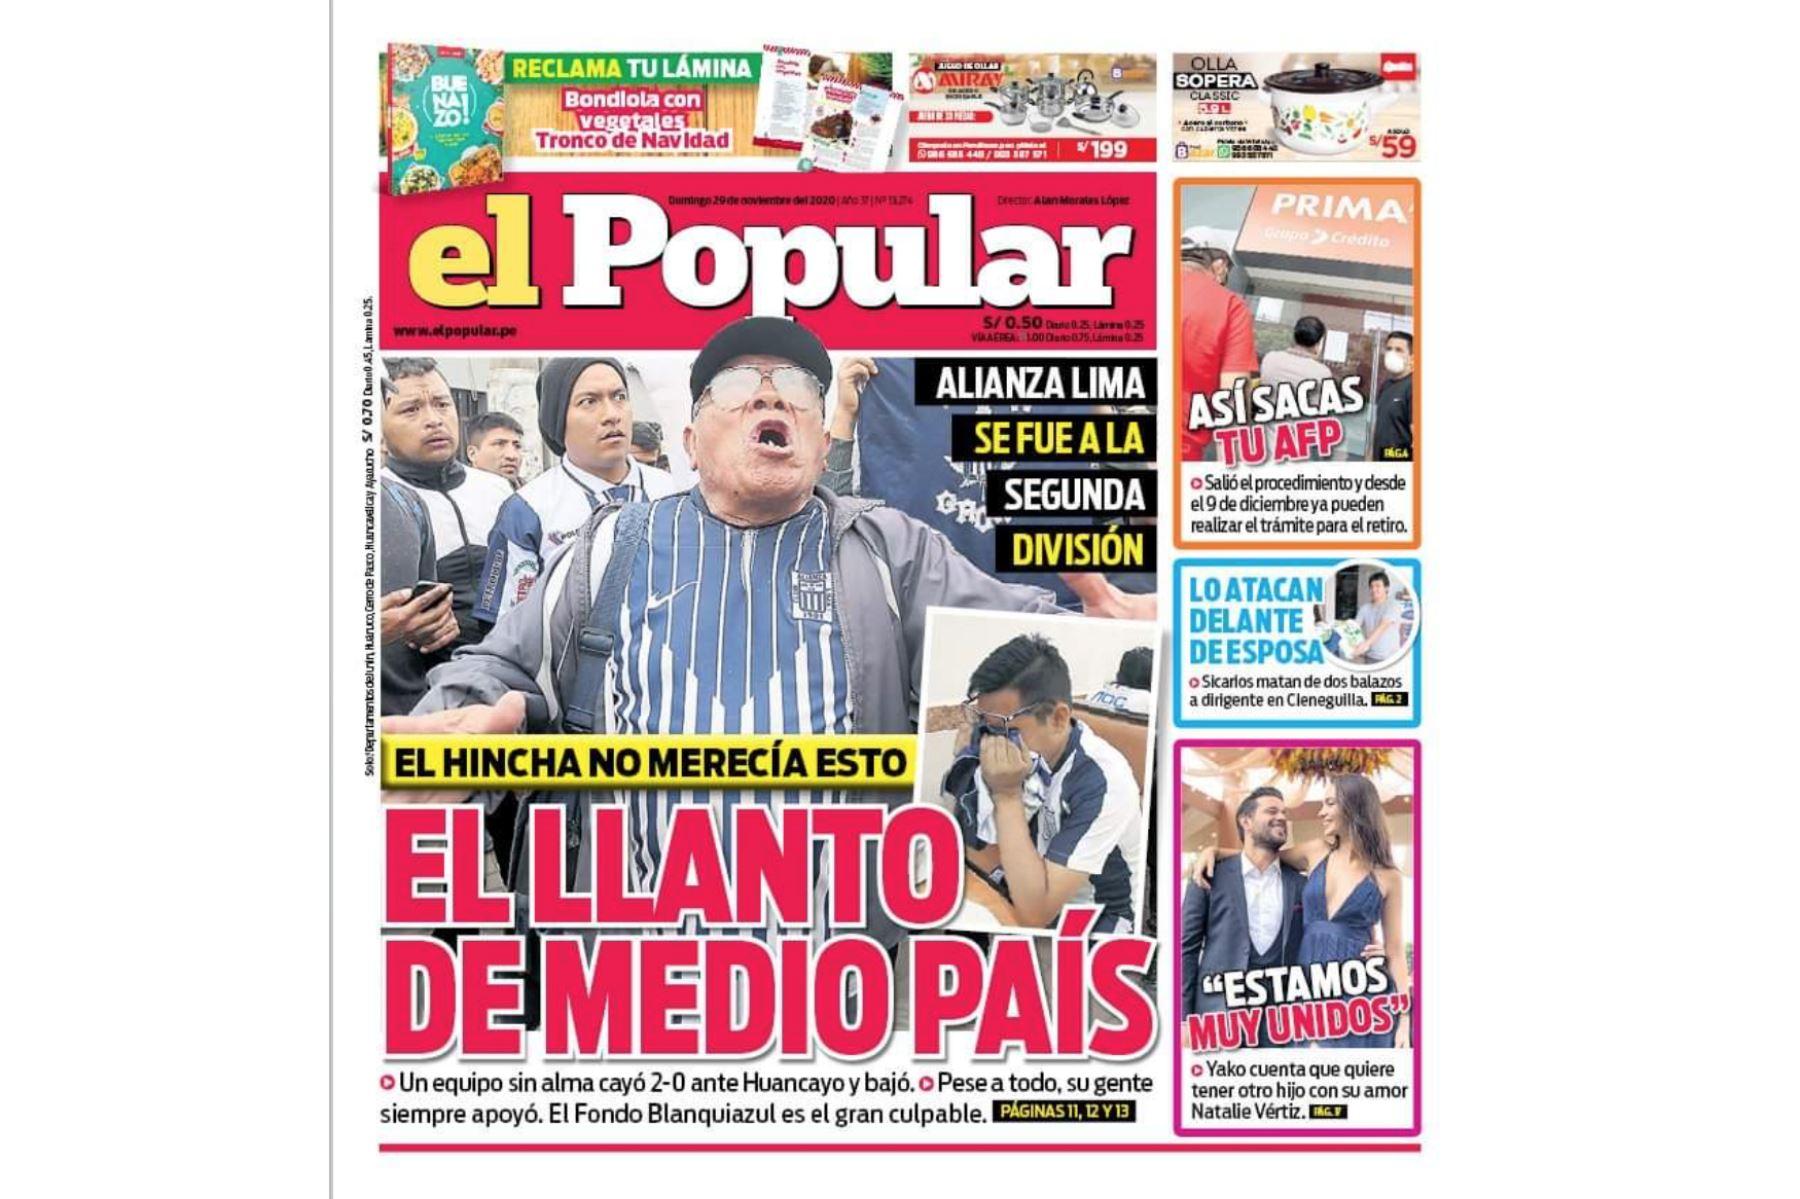 Así informaron algunos medios el descenso de Alianza Lima a la Segunda División. El Popular. Foto: Difusión